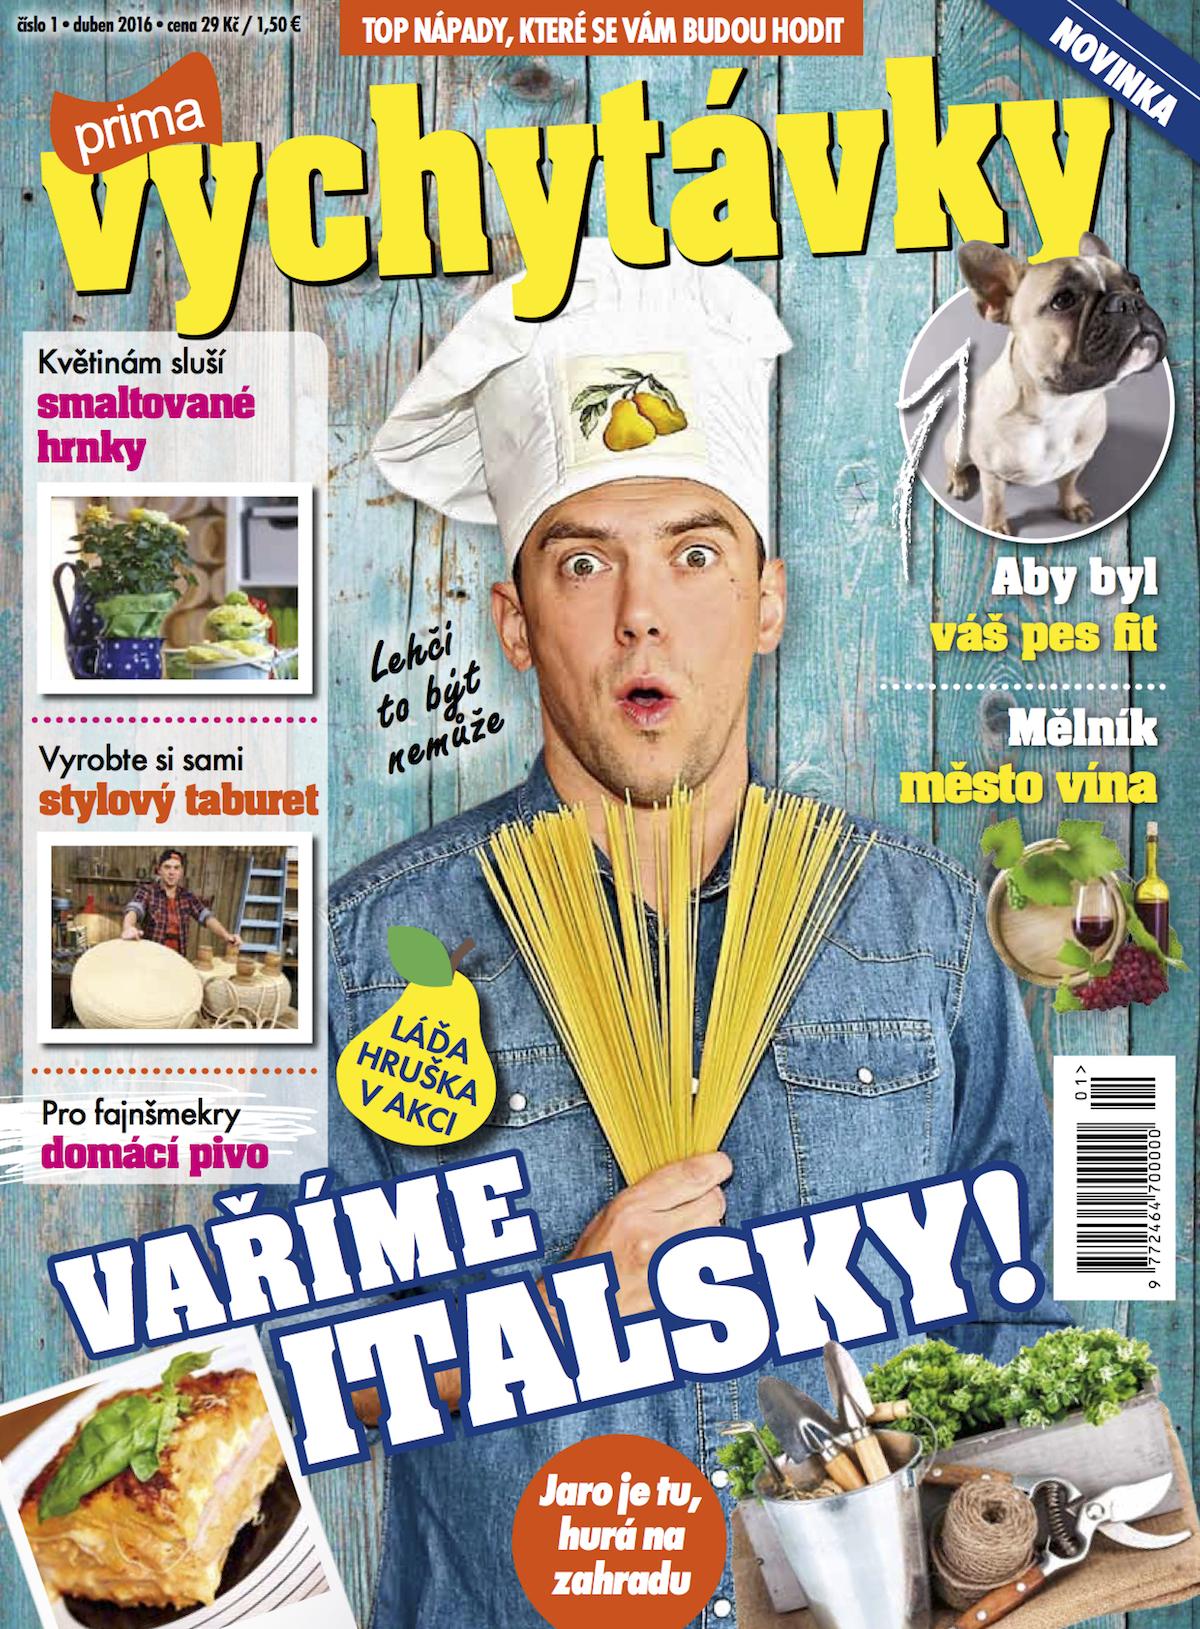 Titulní strana prvního vydýní měsíčníku Prima vychytávky